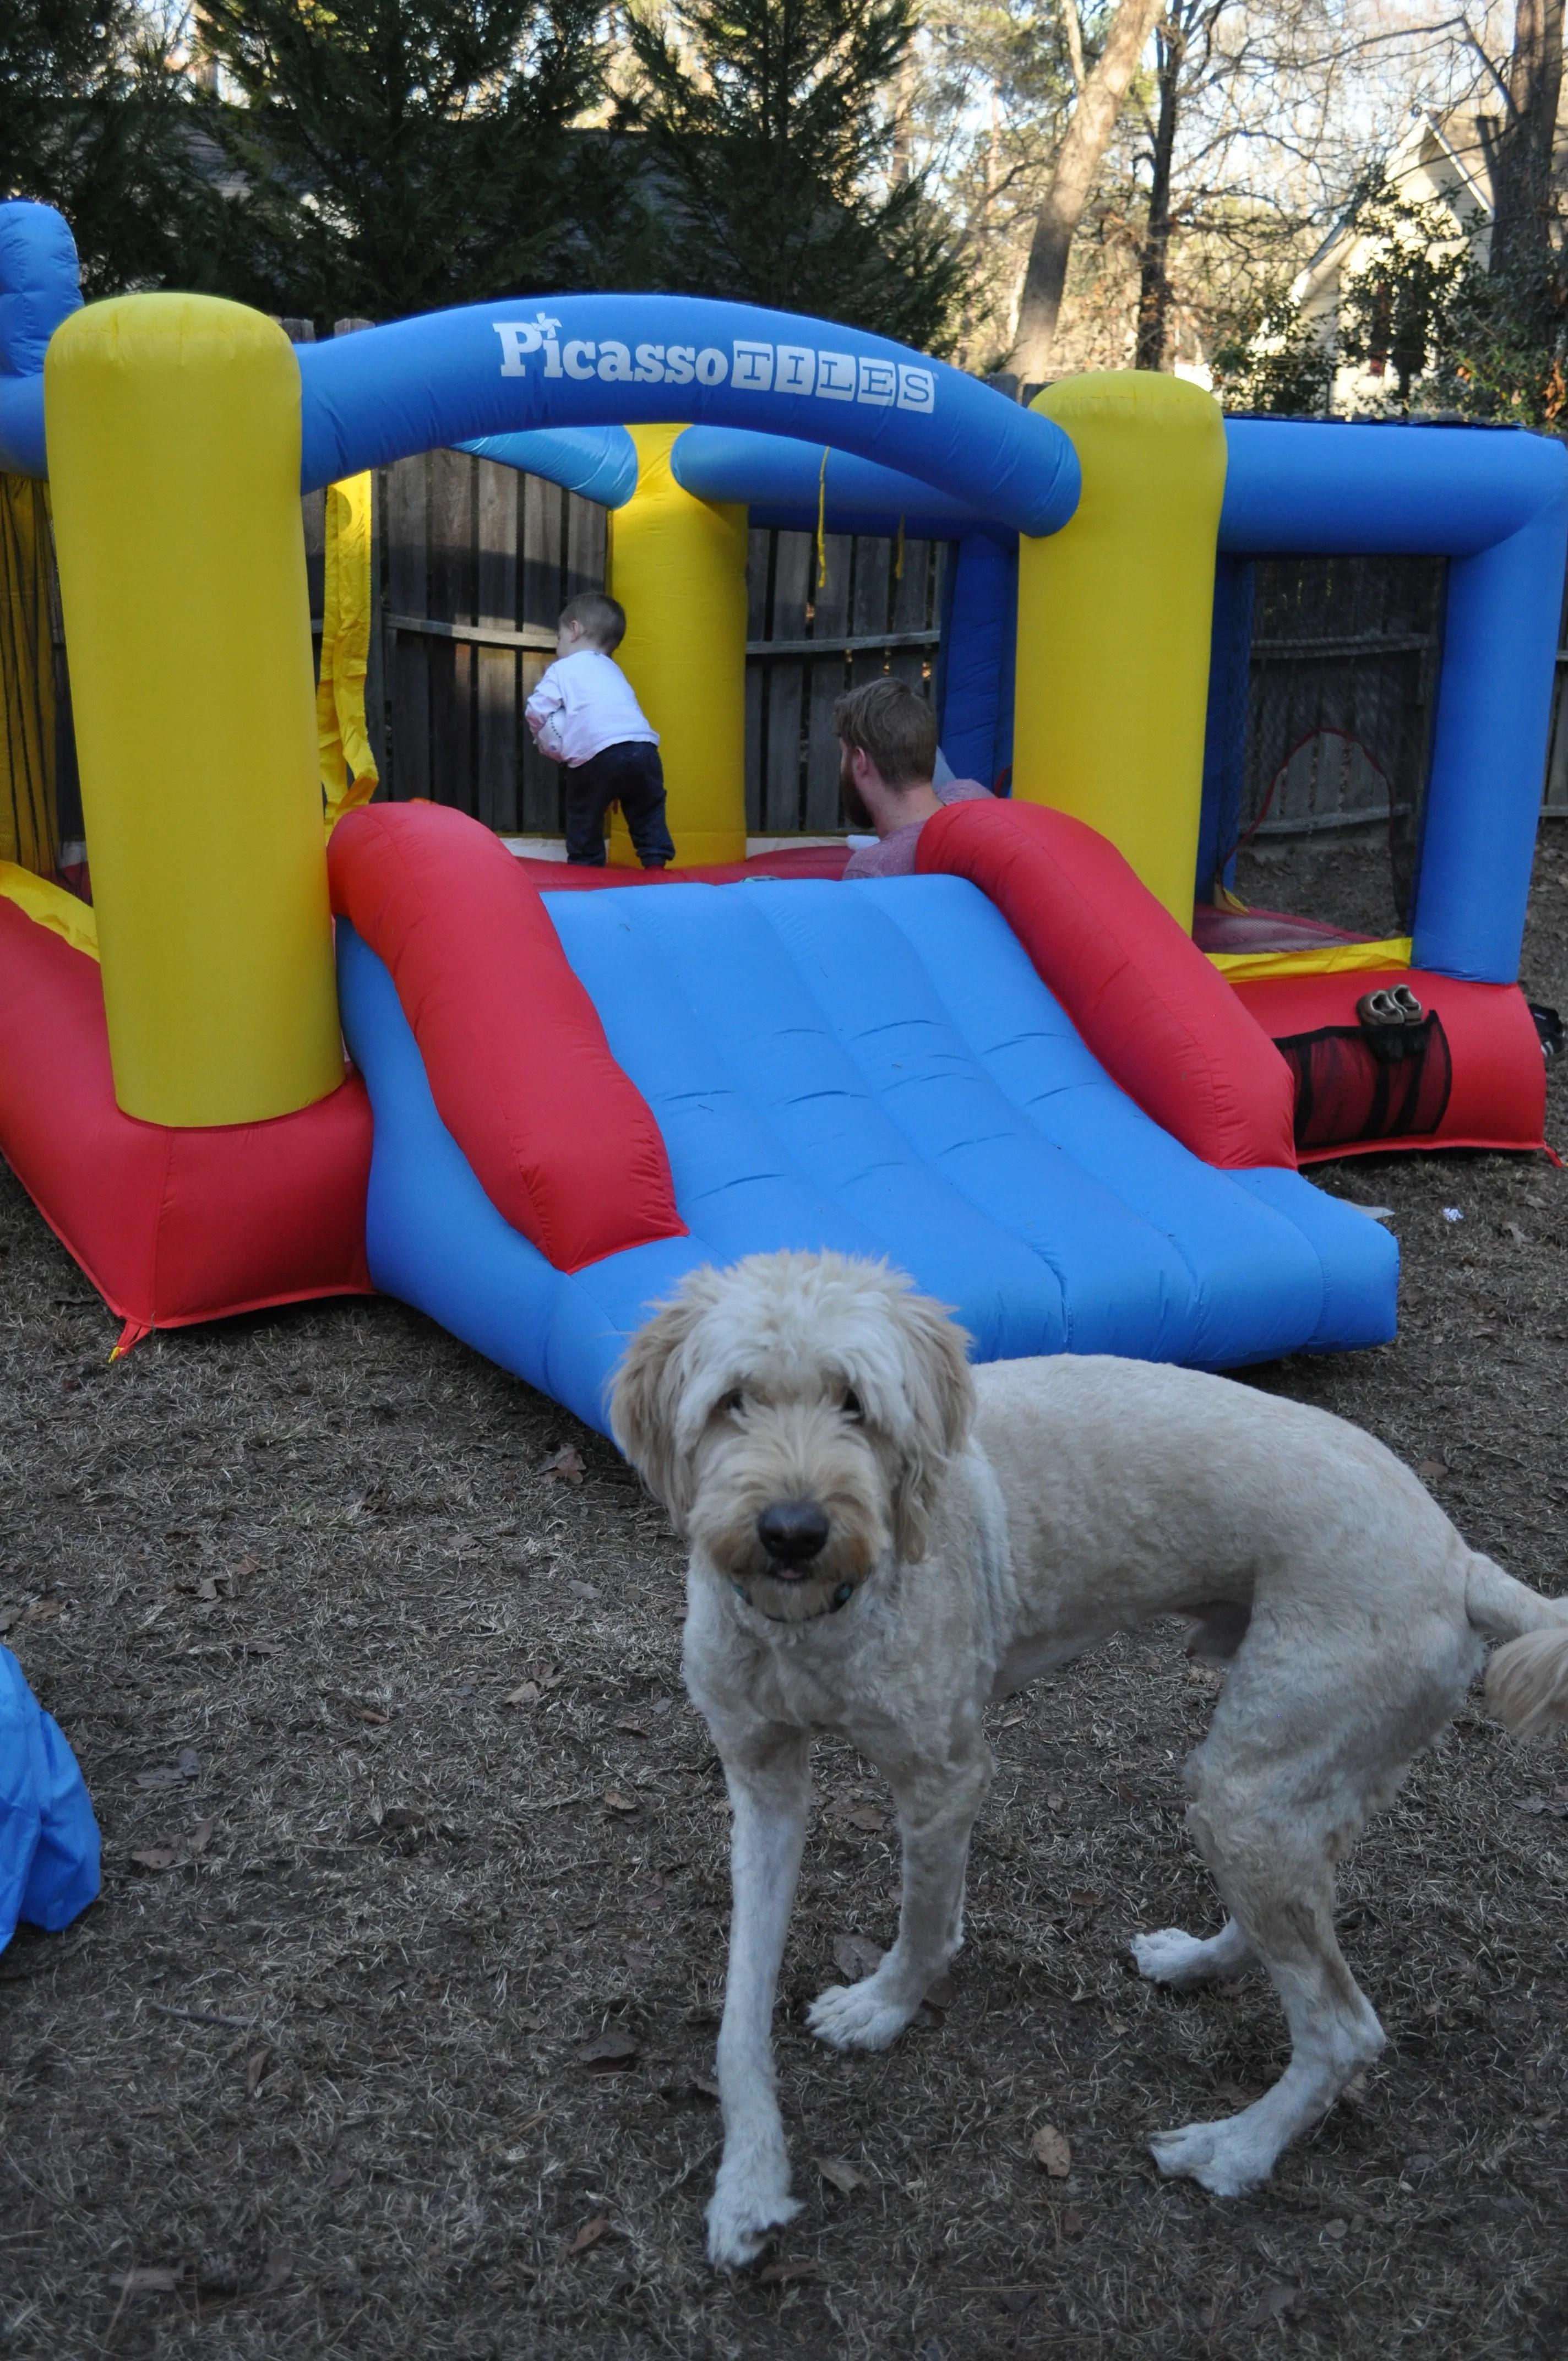 goldendoodle-mans best friend-bounce house